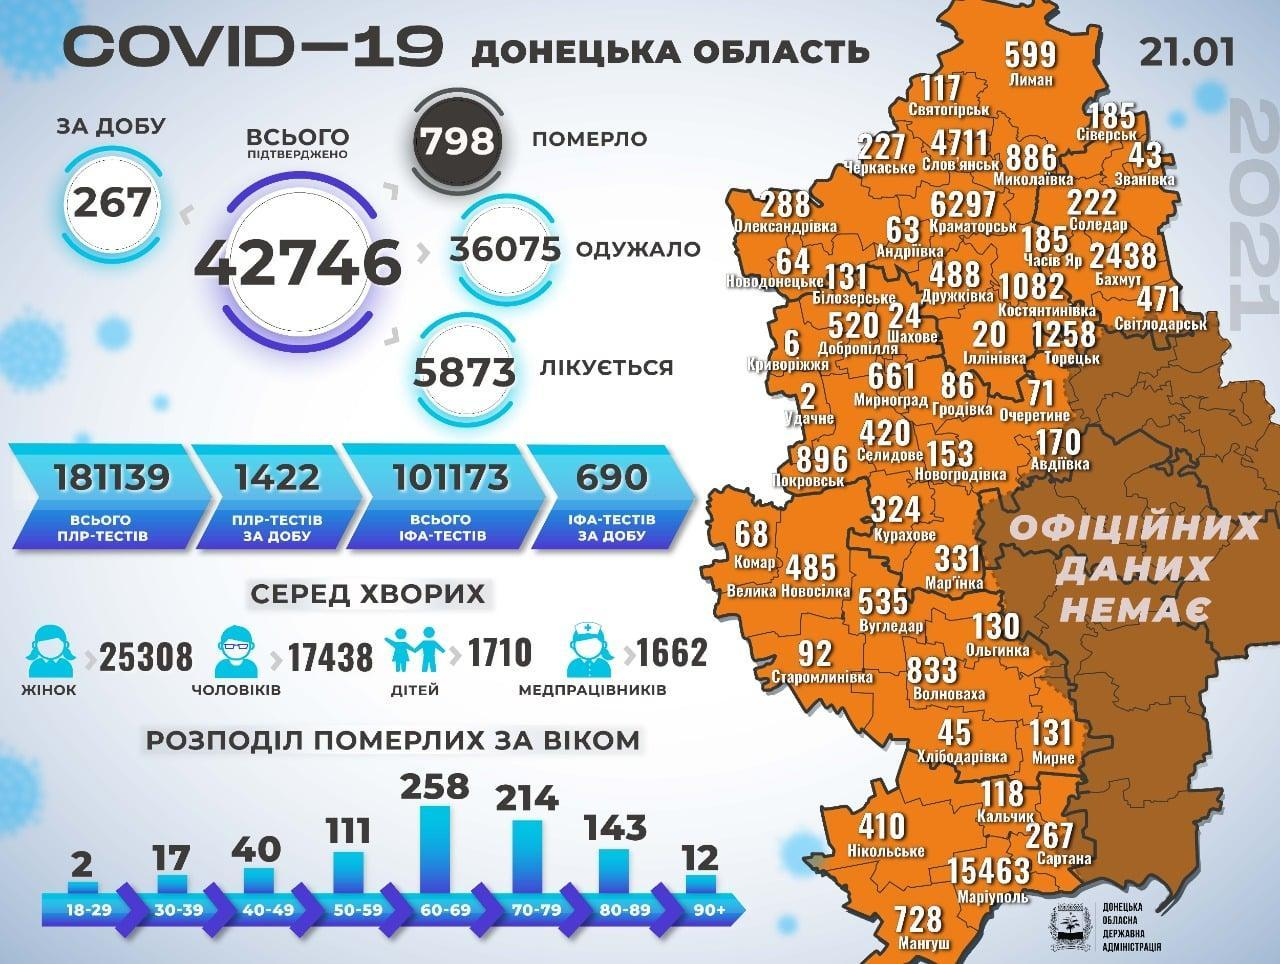 коронавирус Донецкая область на 22 января